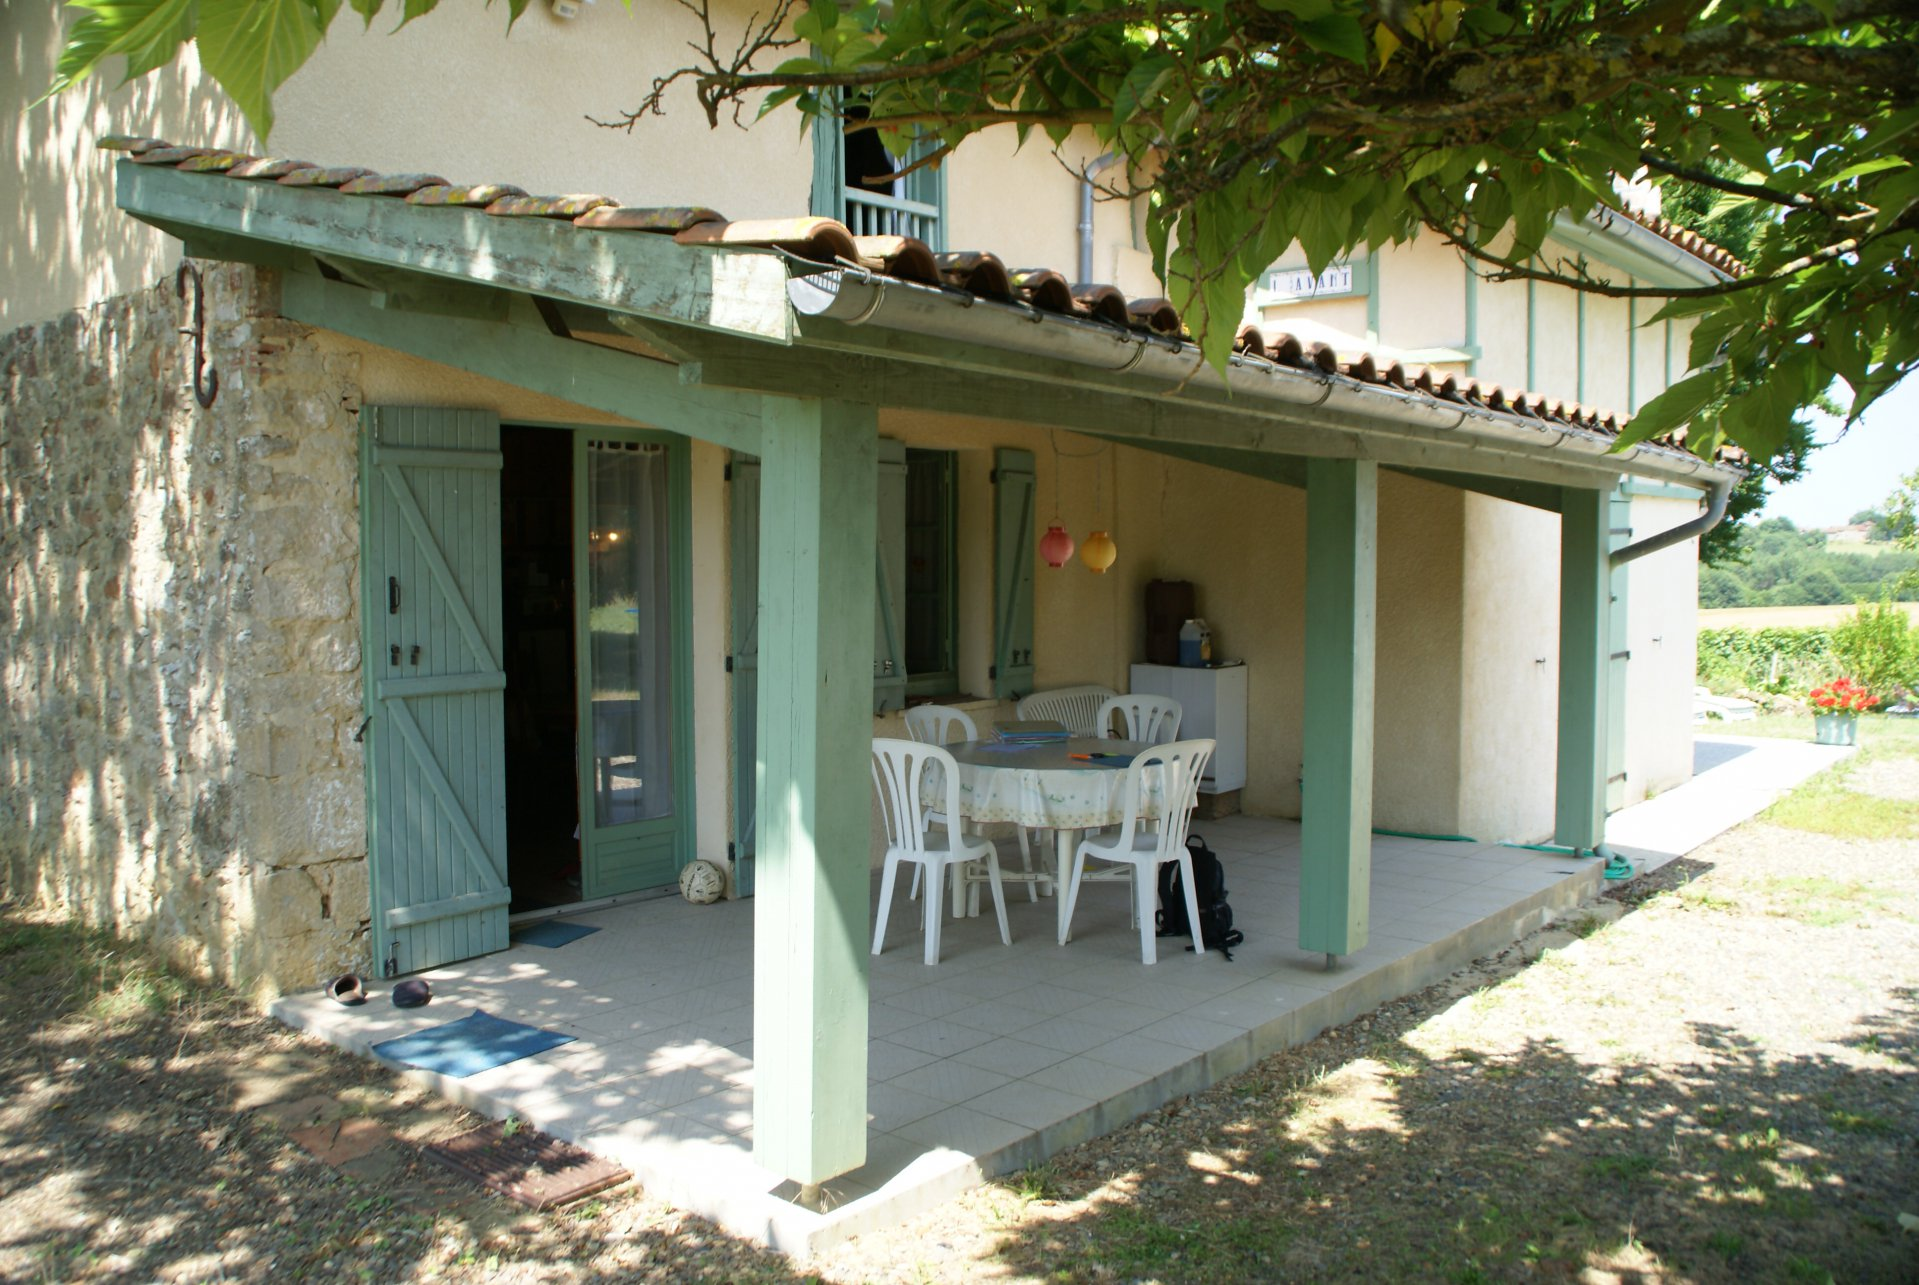 SOUS OFFRE Maison avec piscine et vue, Gers (Midi-Pyrenees)